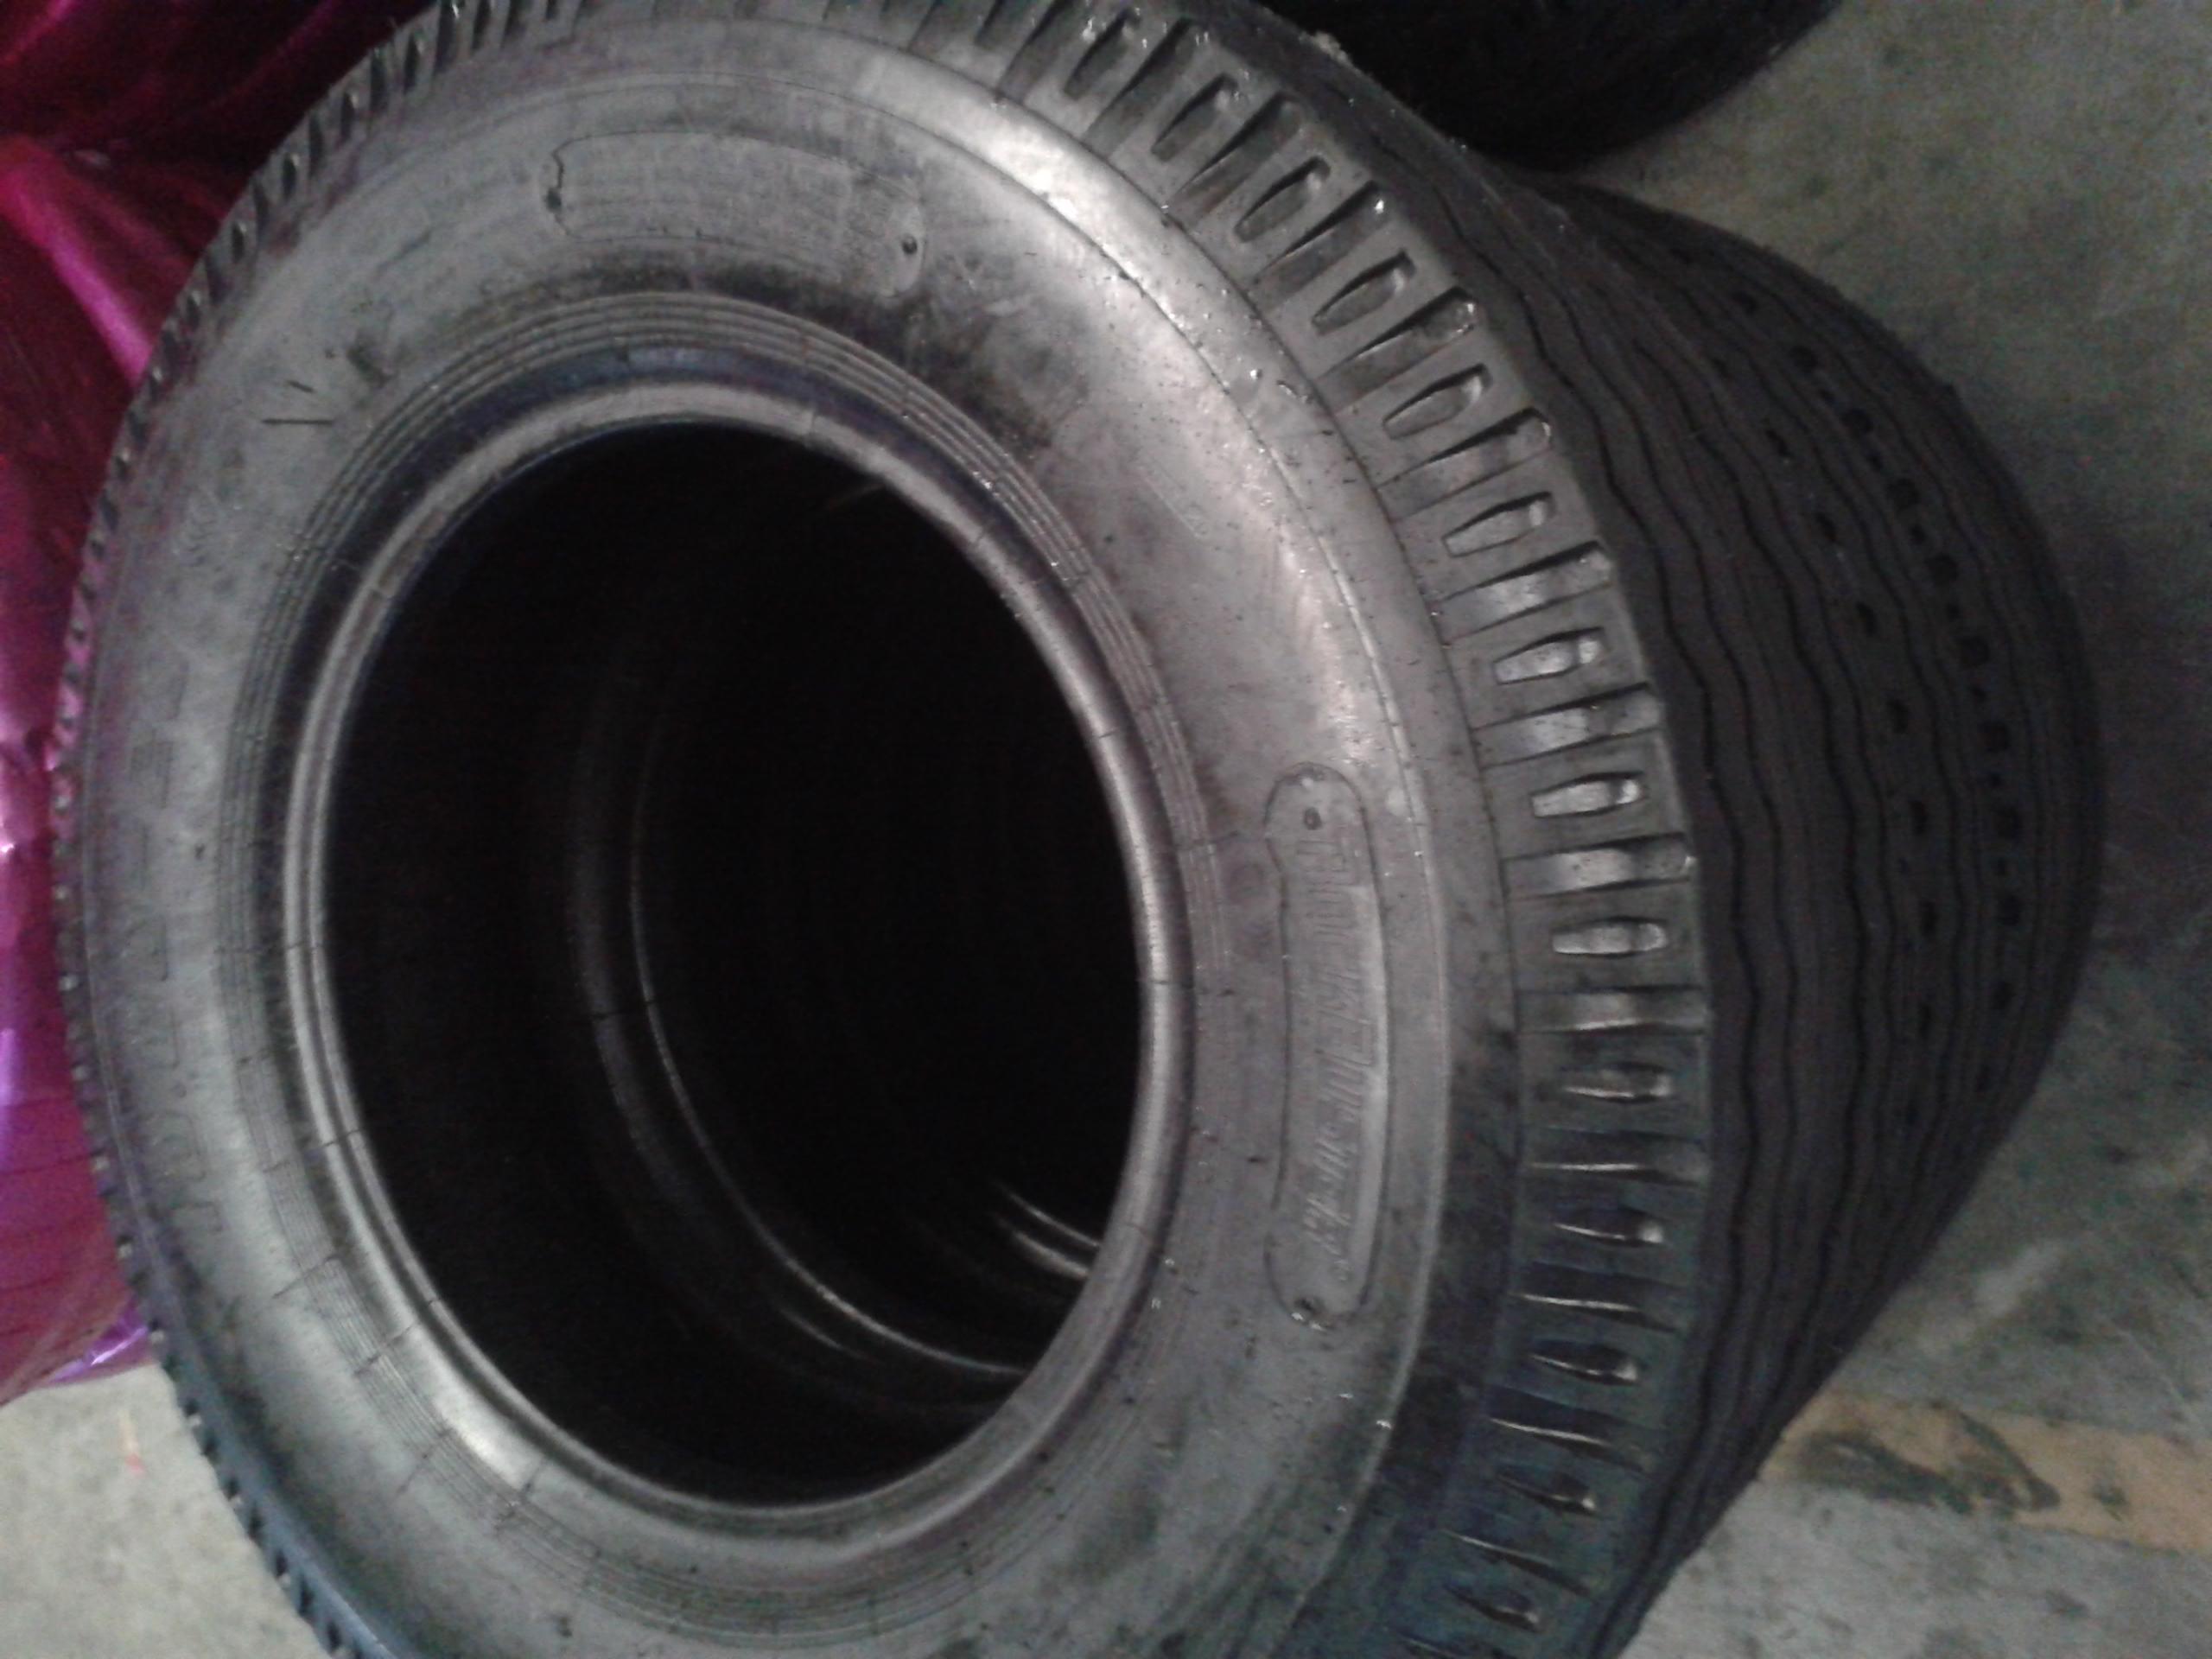 St Trailer Tires St175/80d13 St185/80d13 St185/80d13